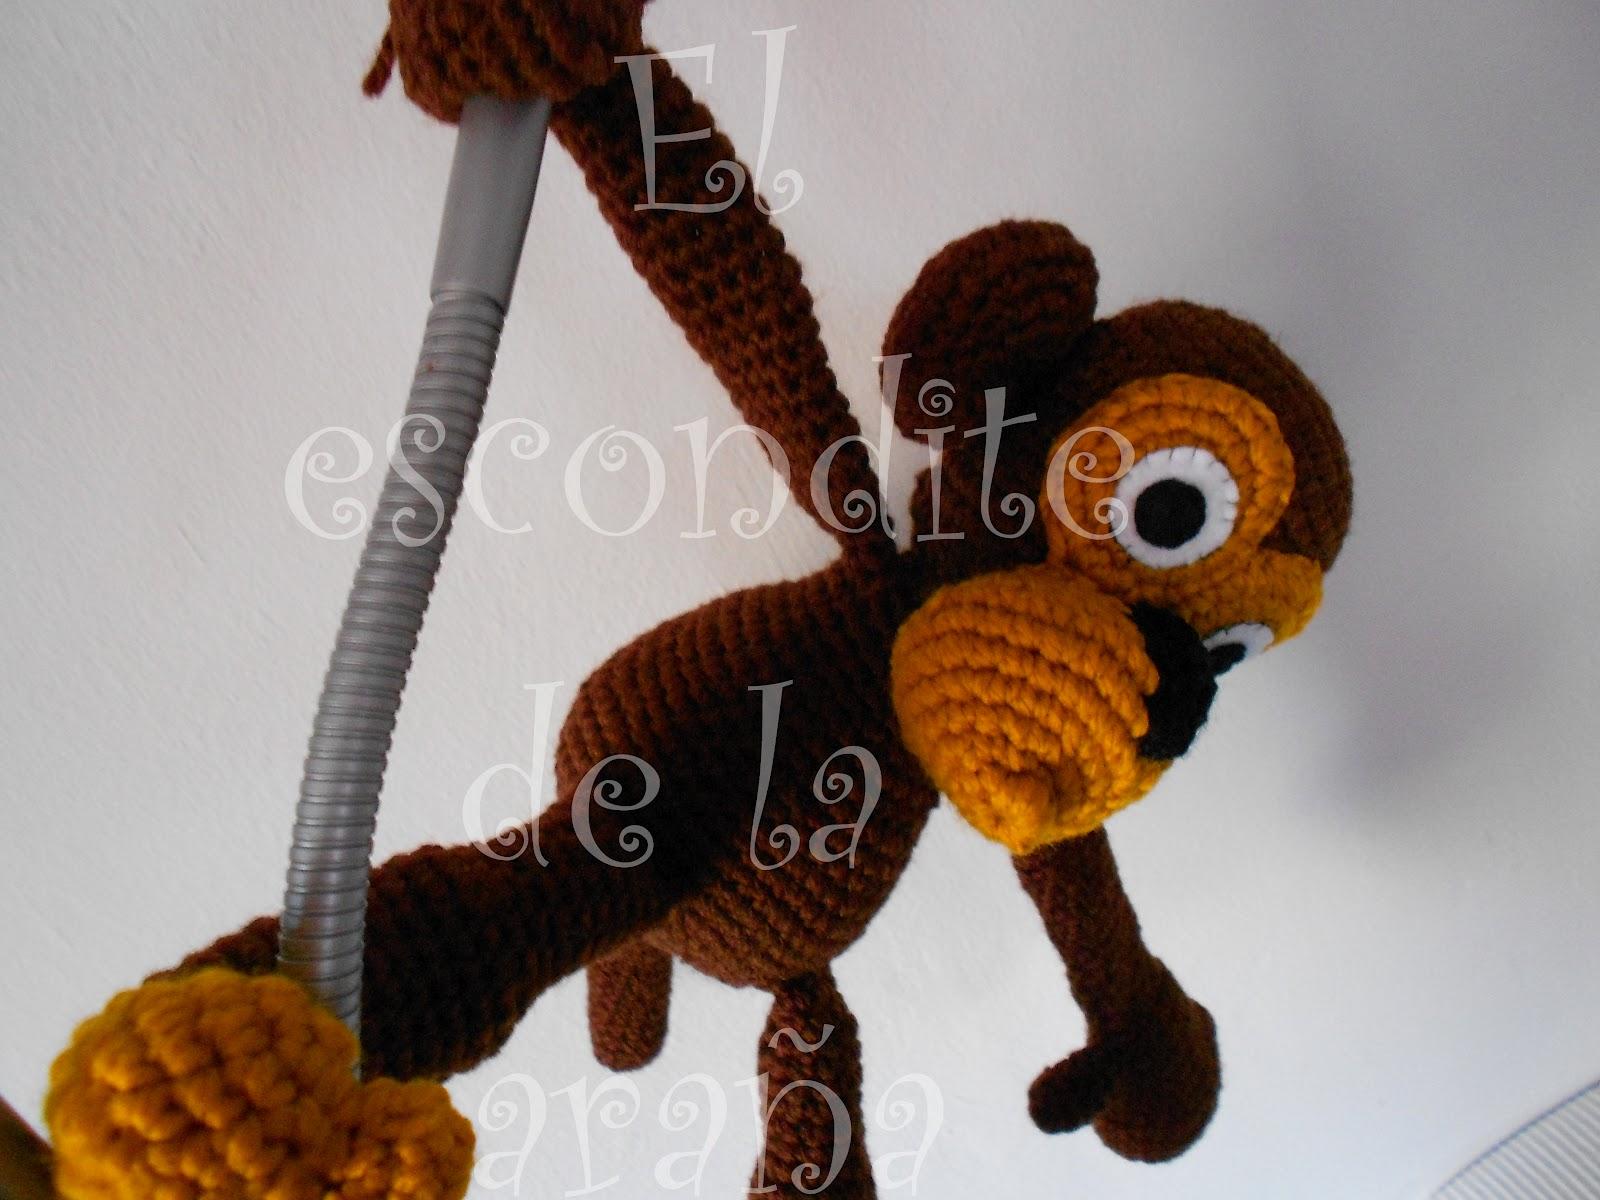 El escondite de la araña: Mono amigurumi